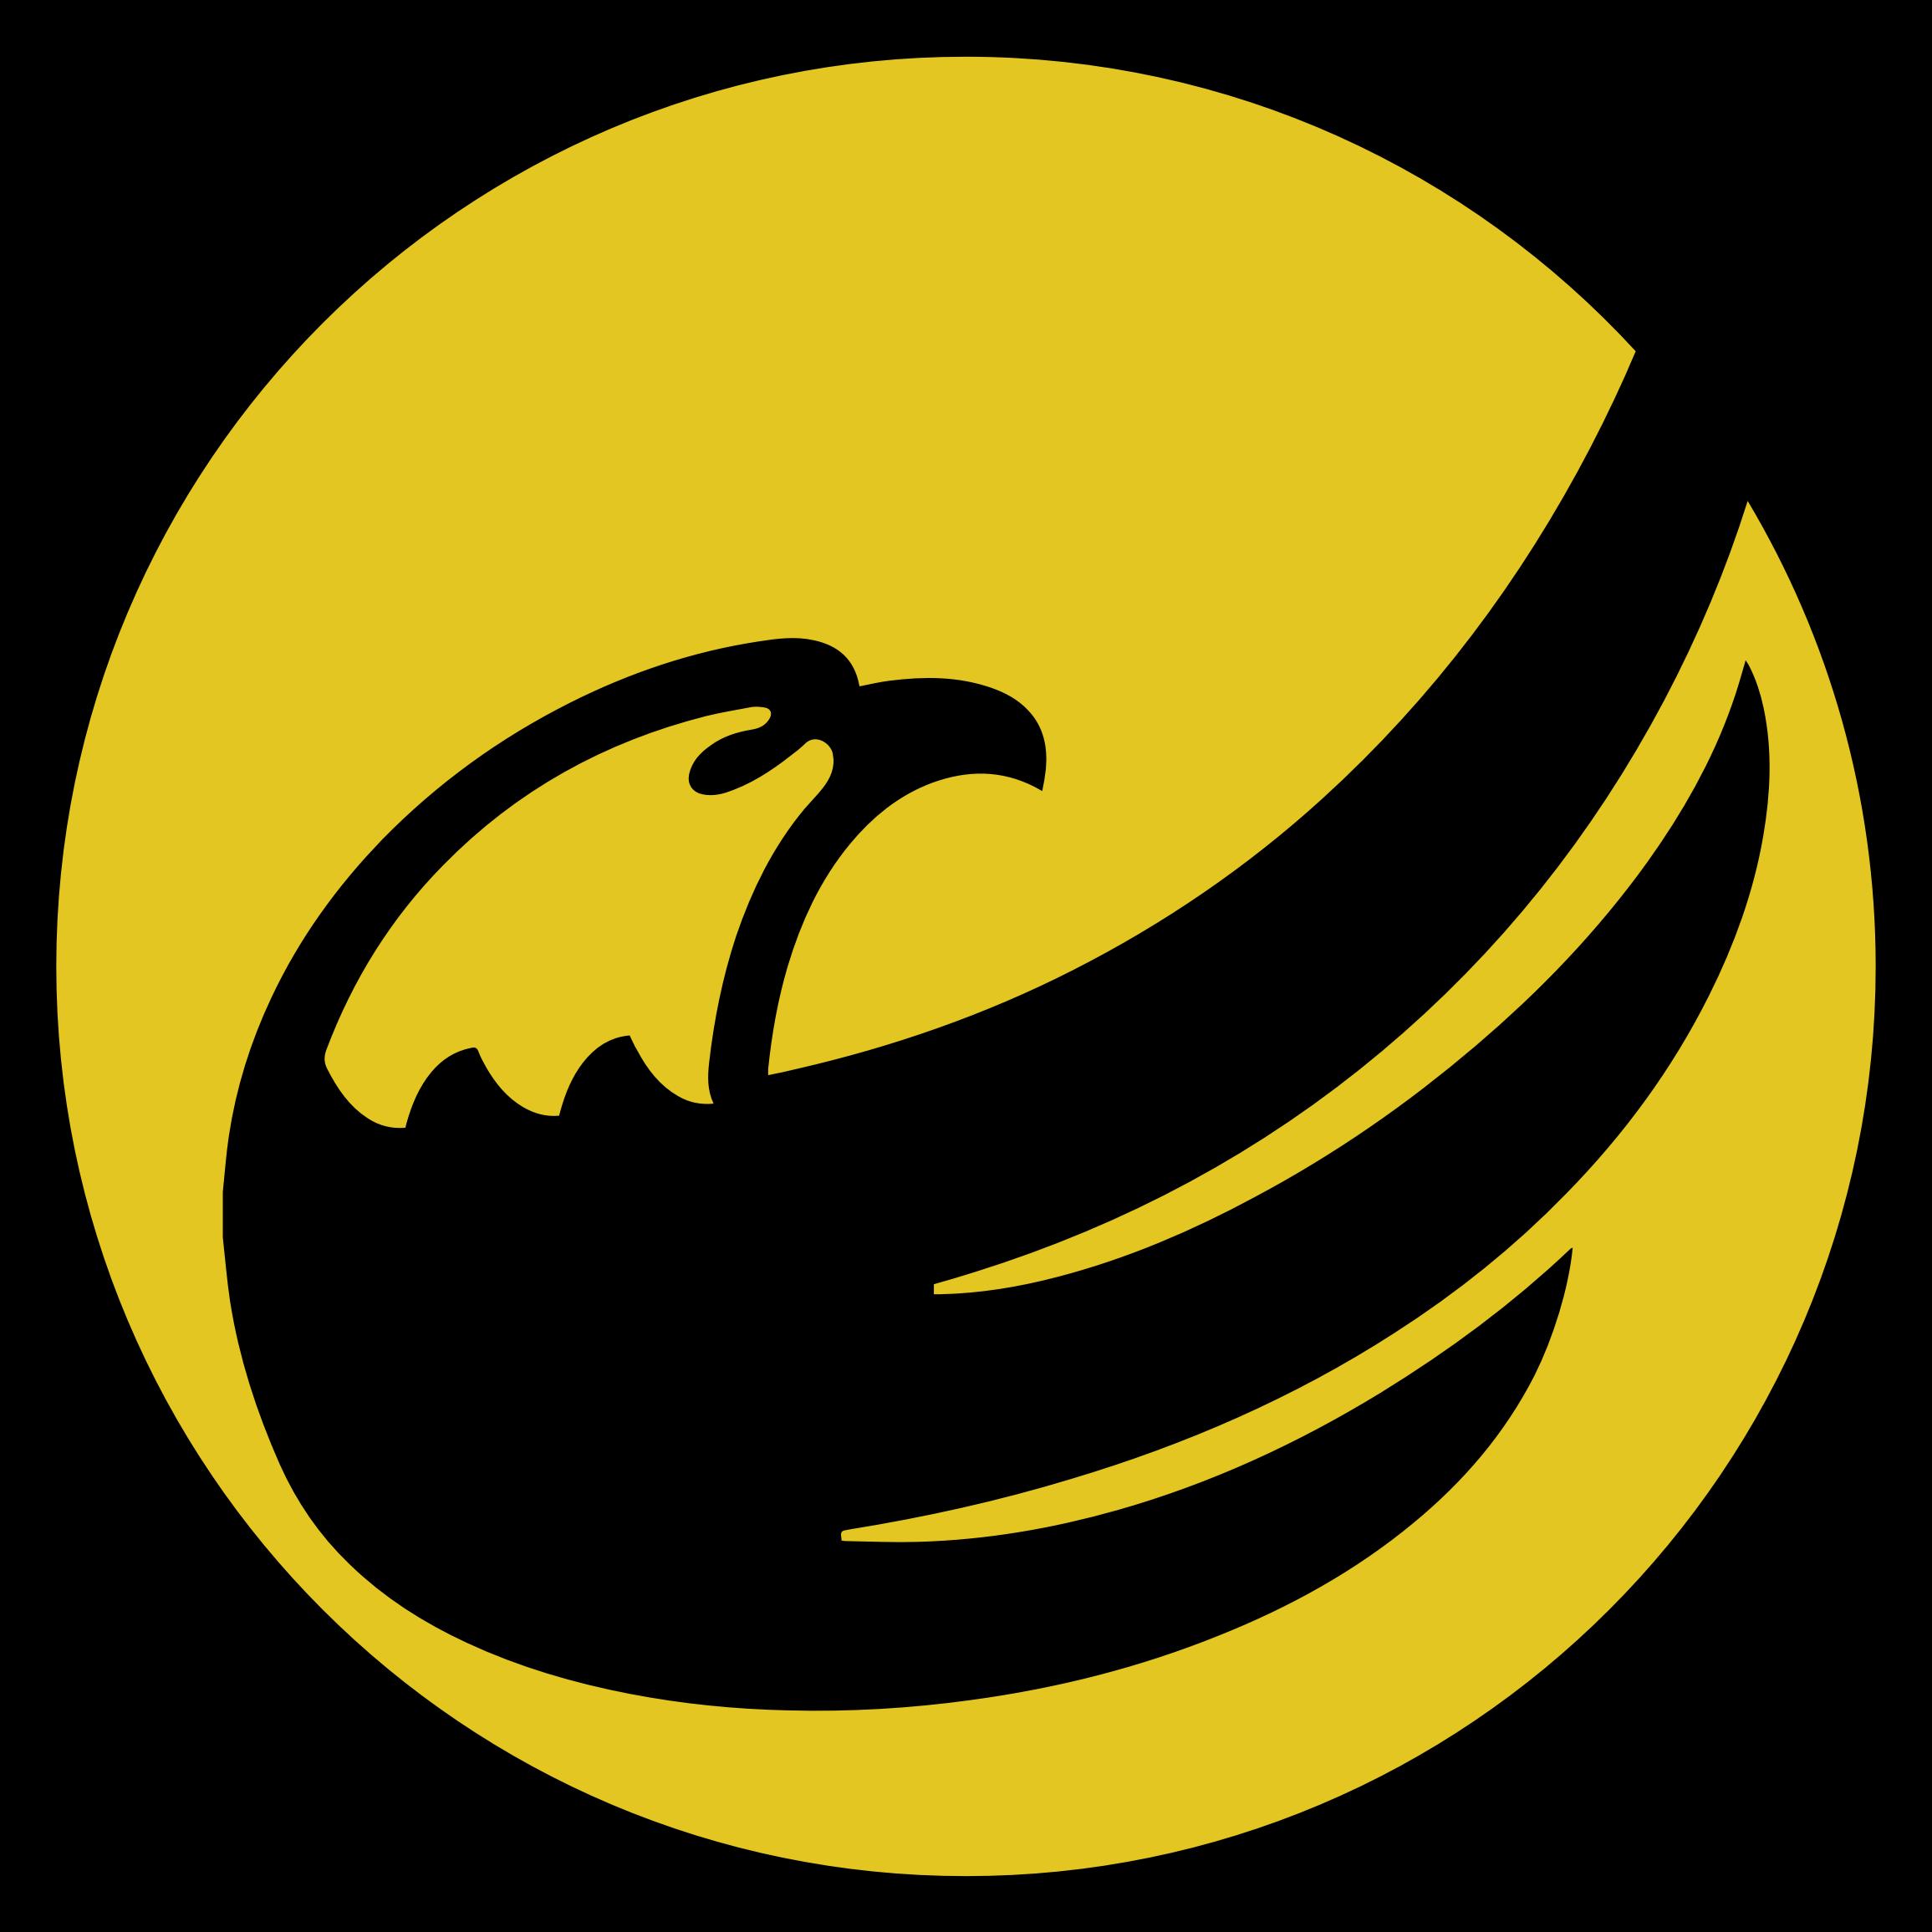 Circle clipart yellow. Logo libertarian eagle remix